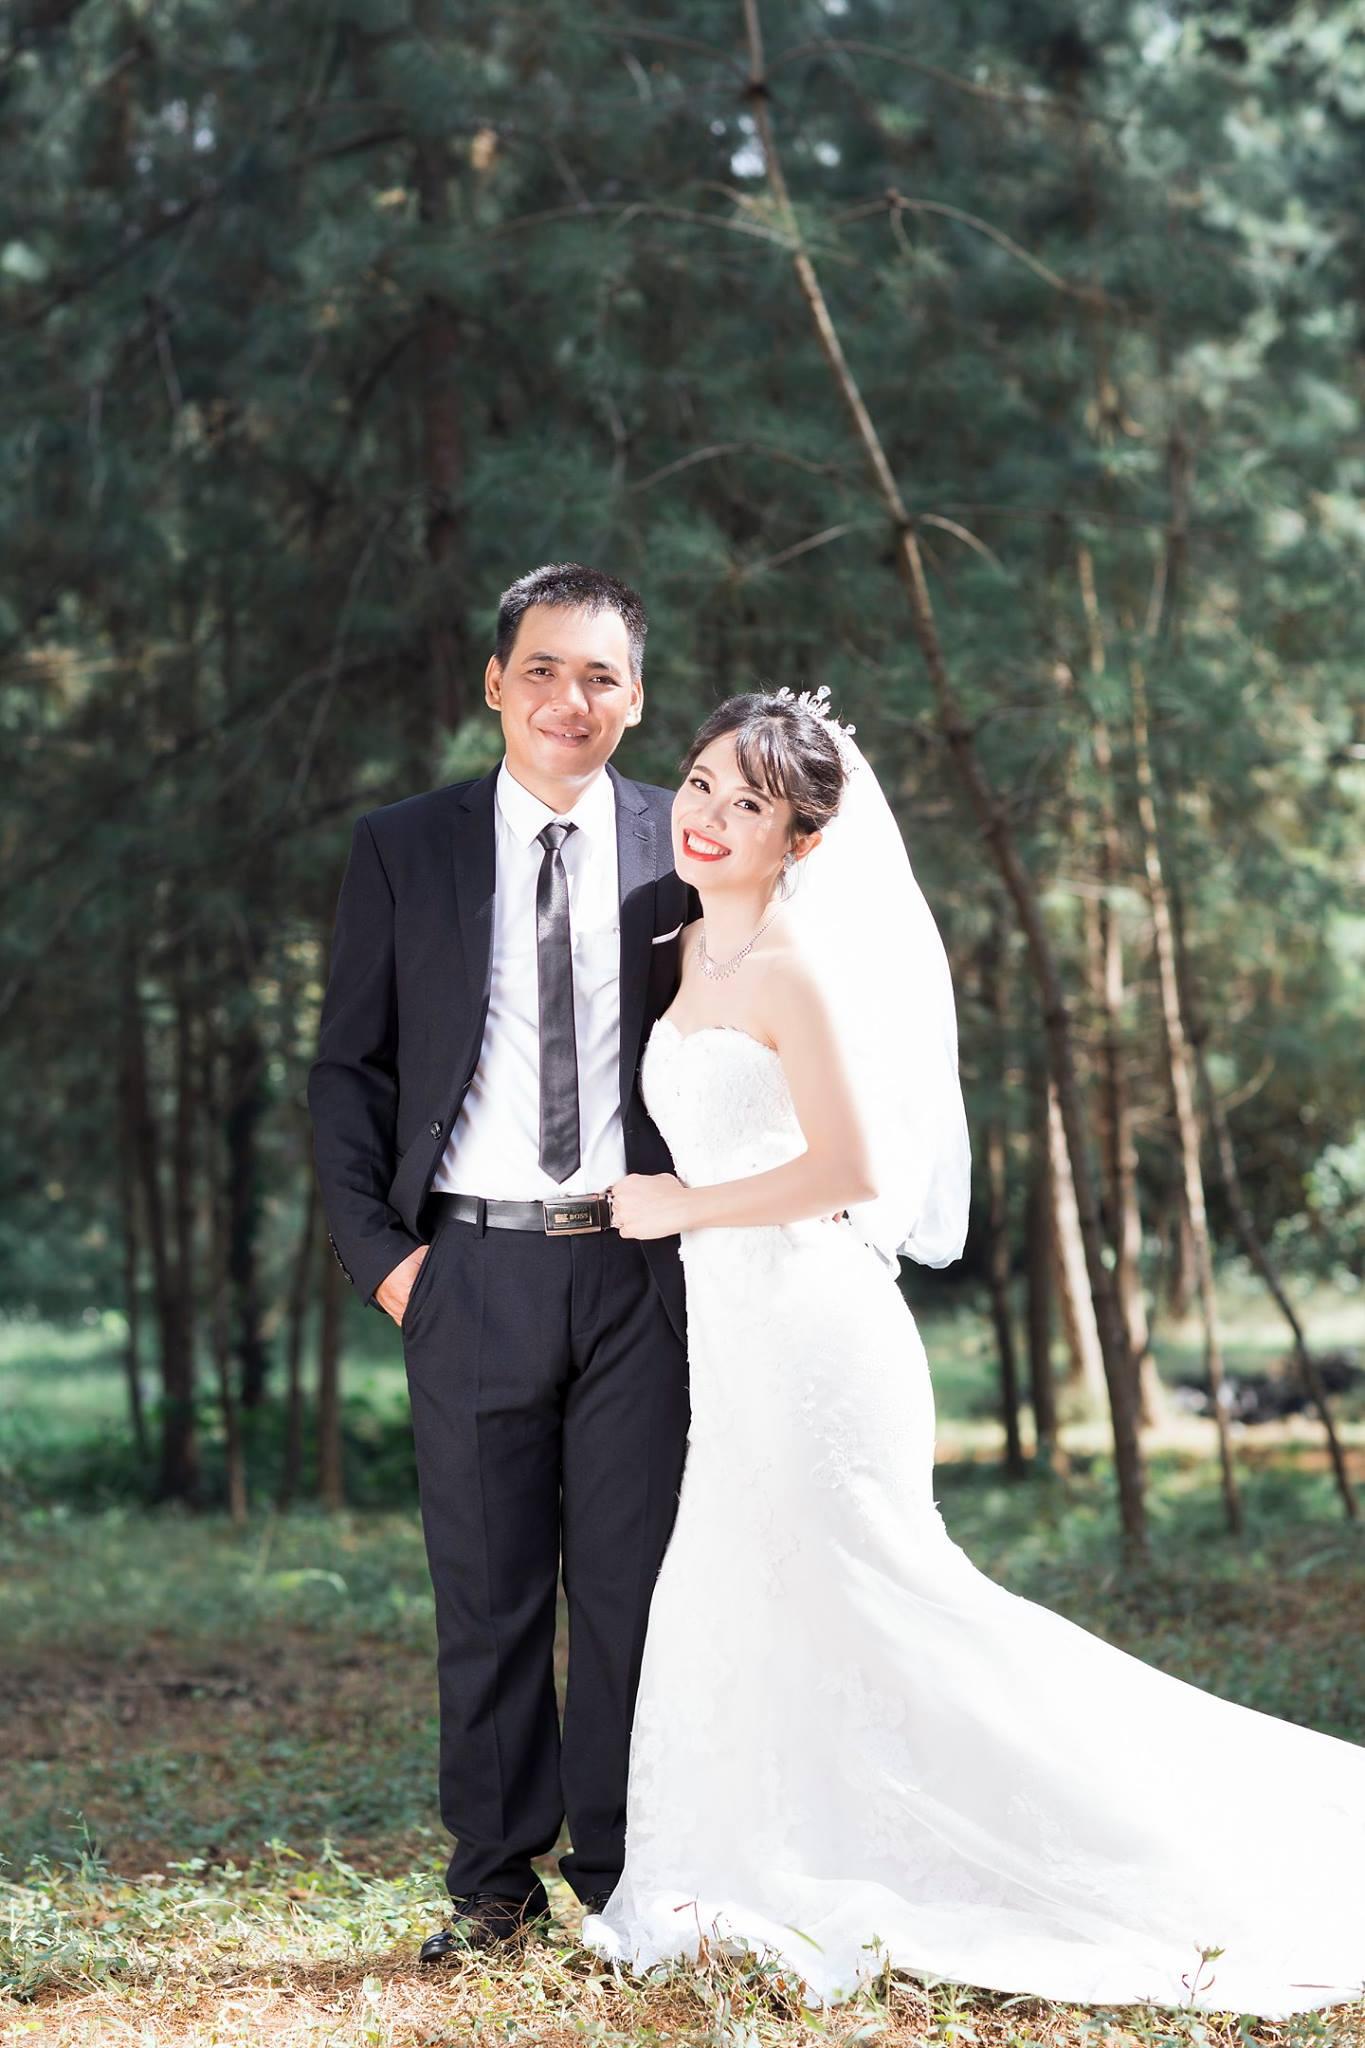 địa điểm chụp ảnh cưới mộc châu